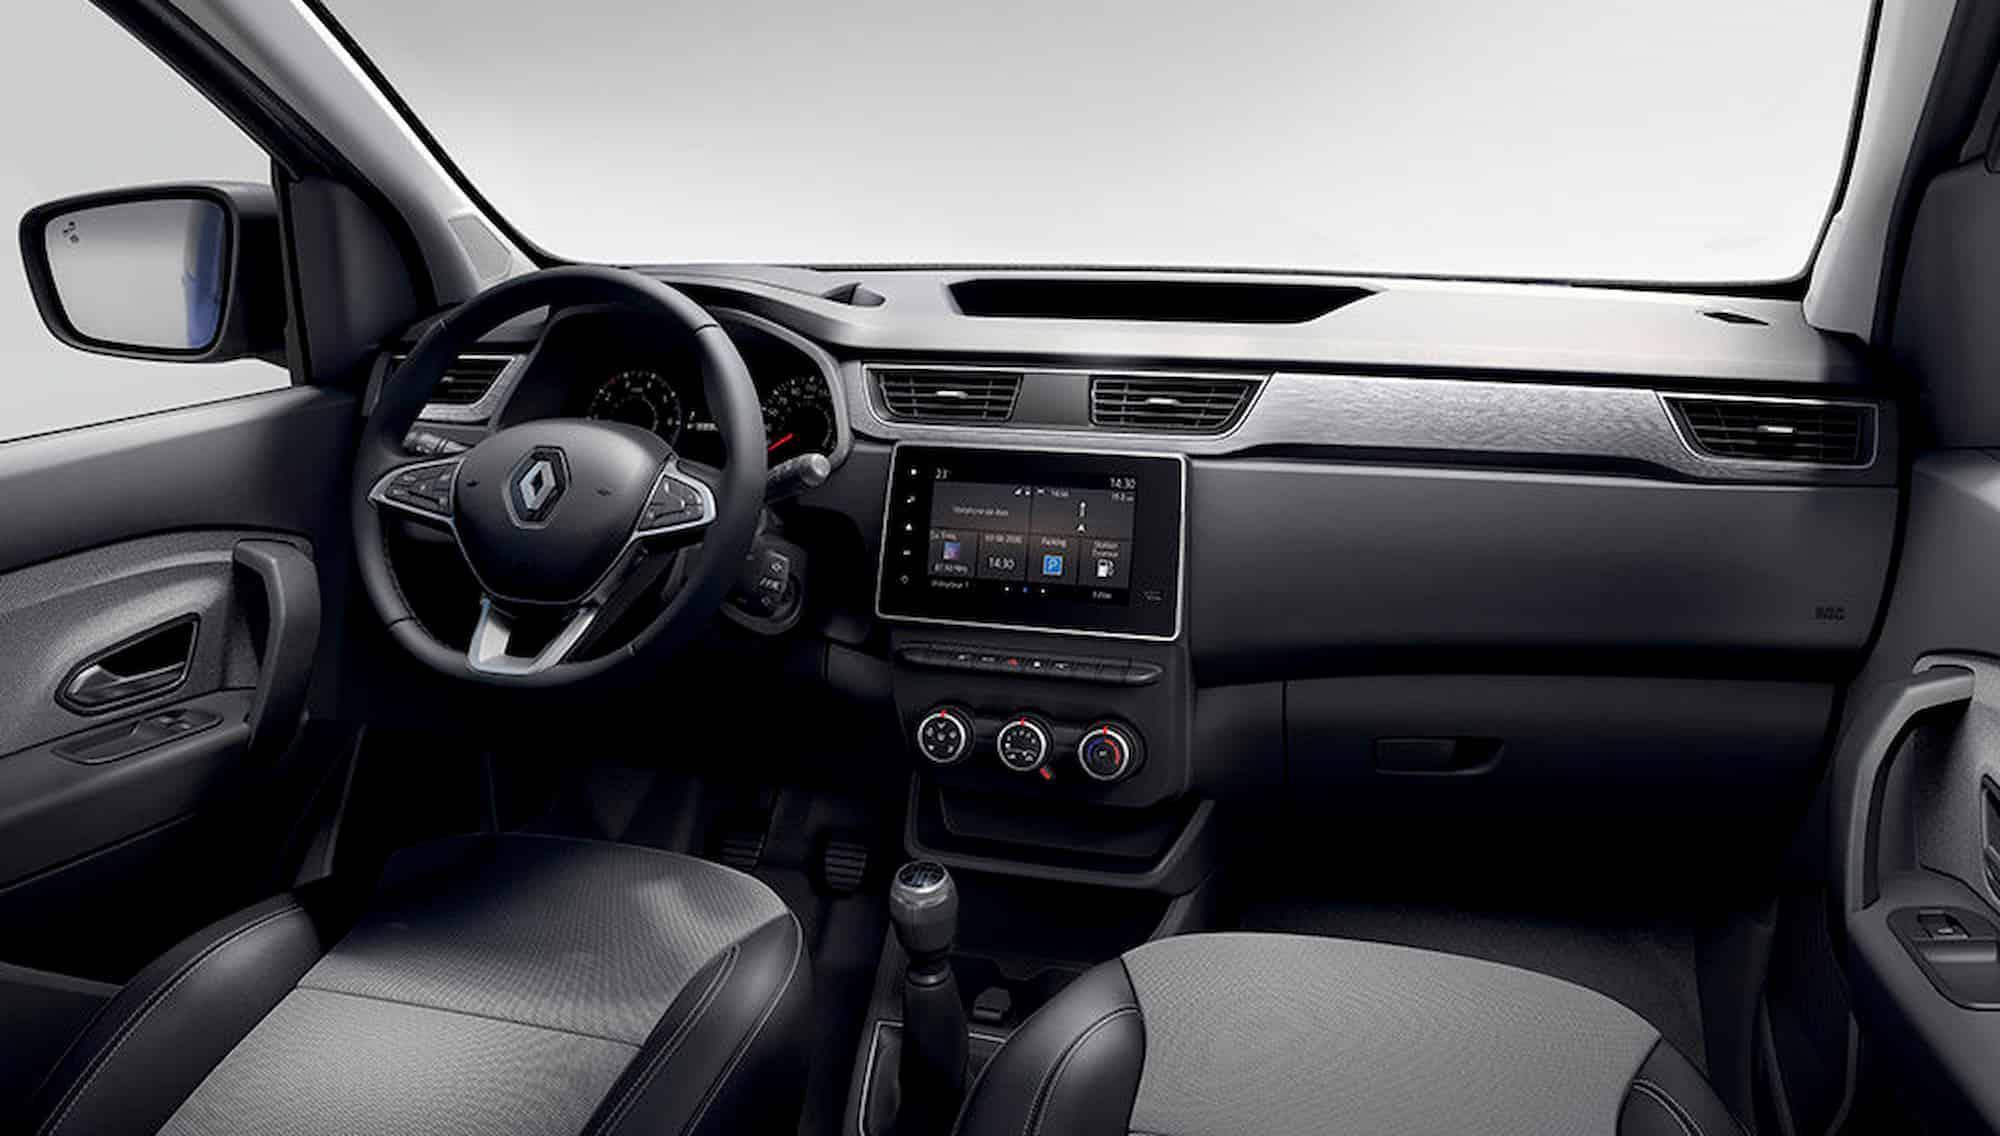 2021 New Renault Express In studio 1